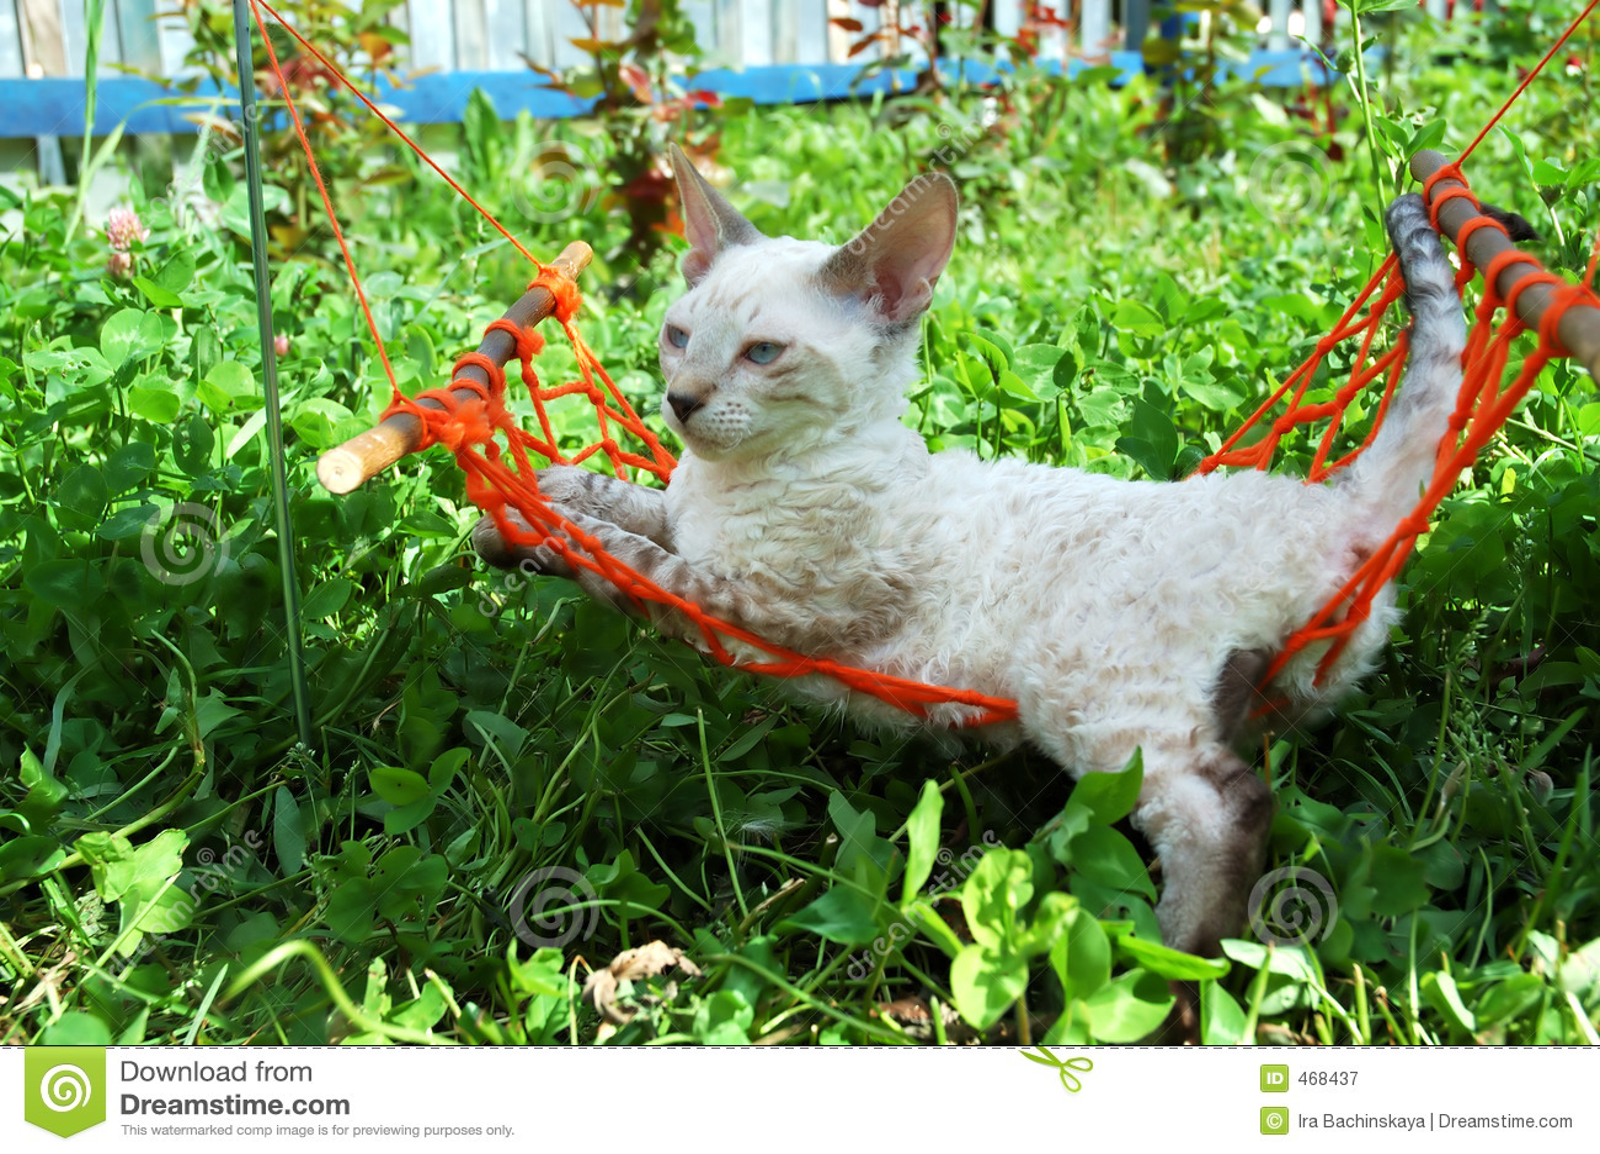 Cat in orange hammock